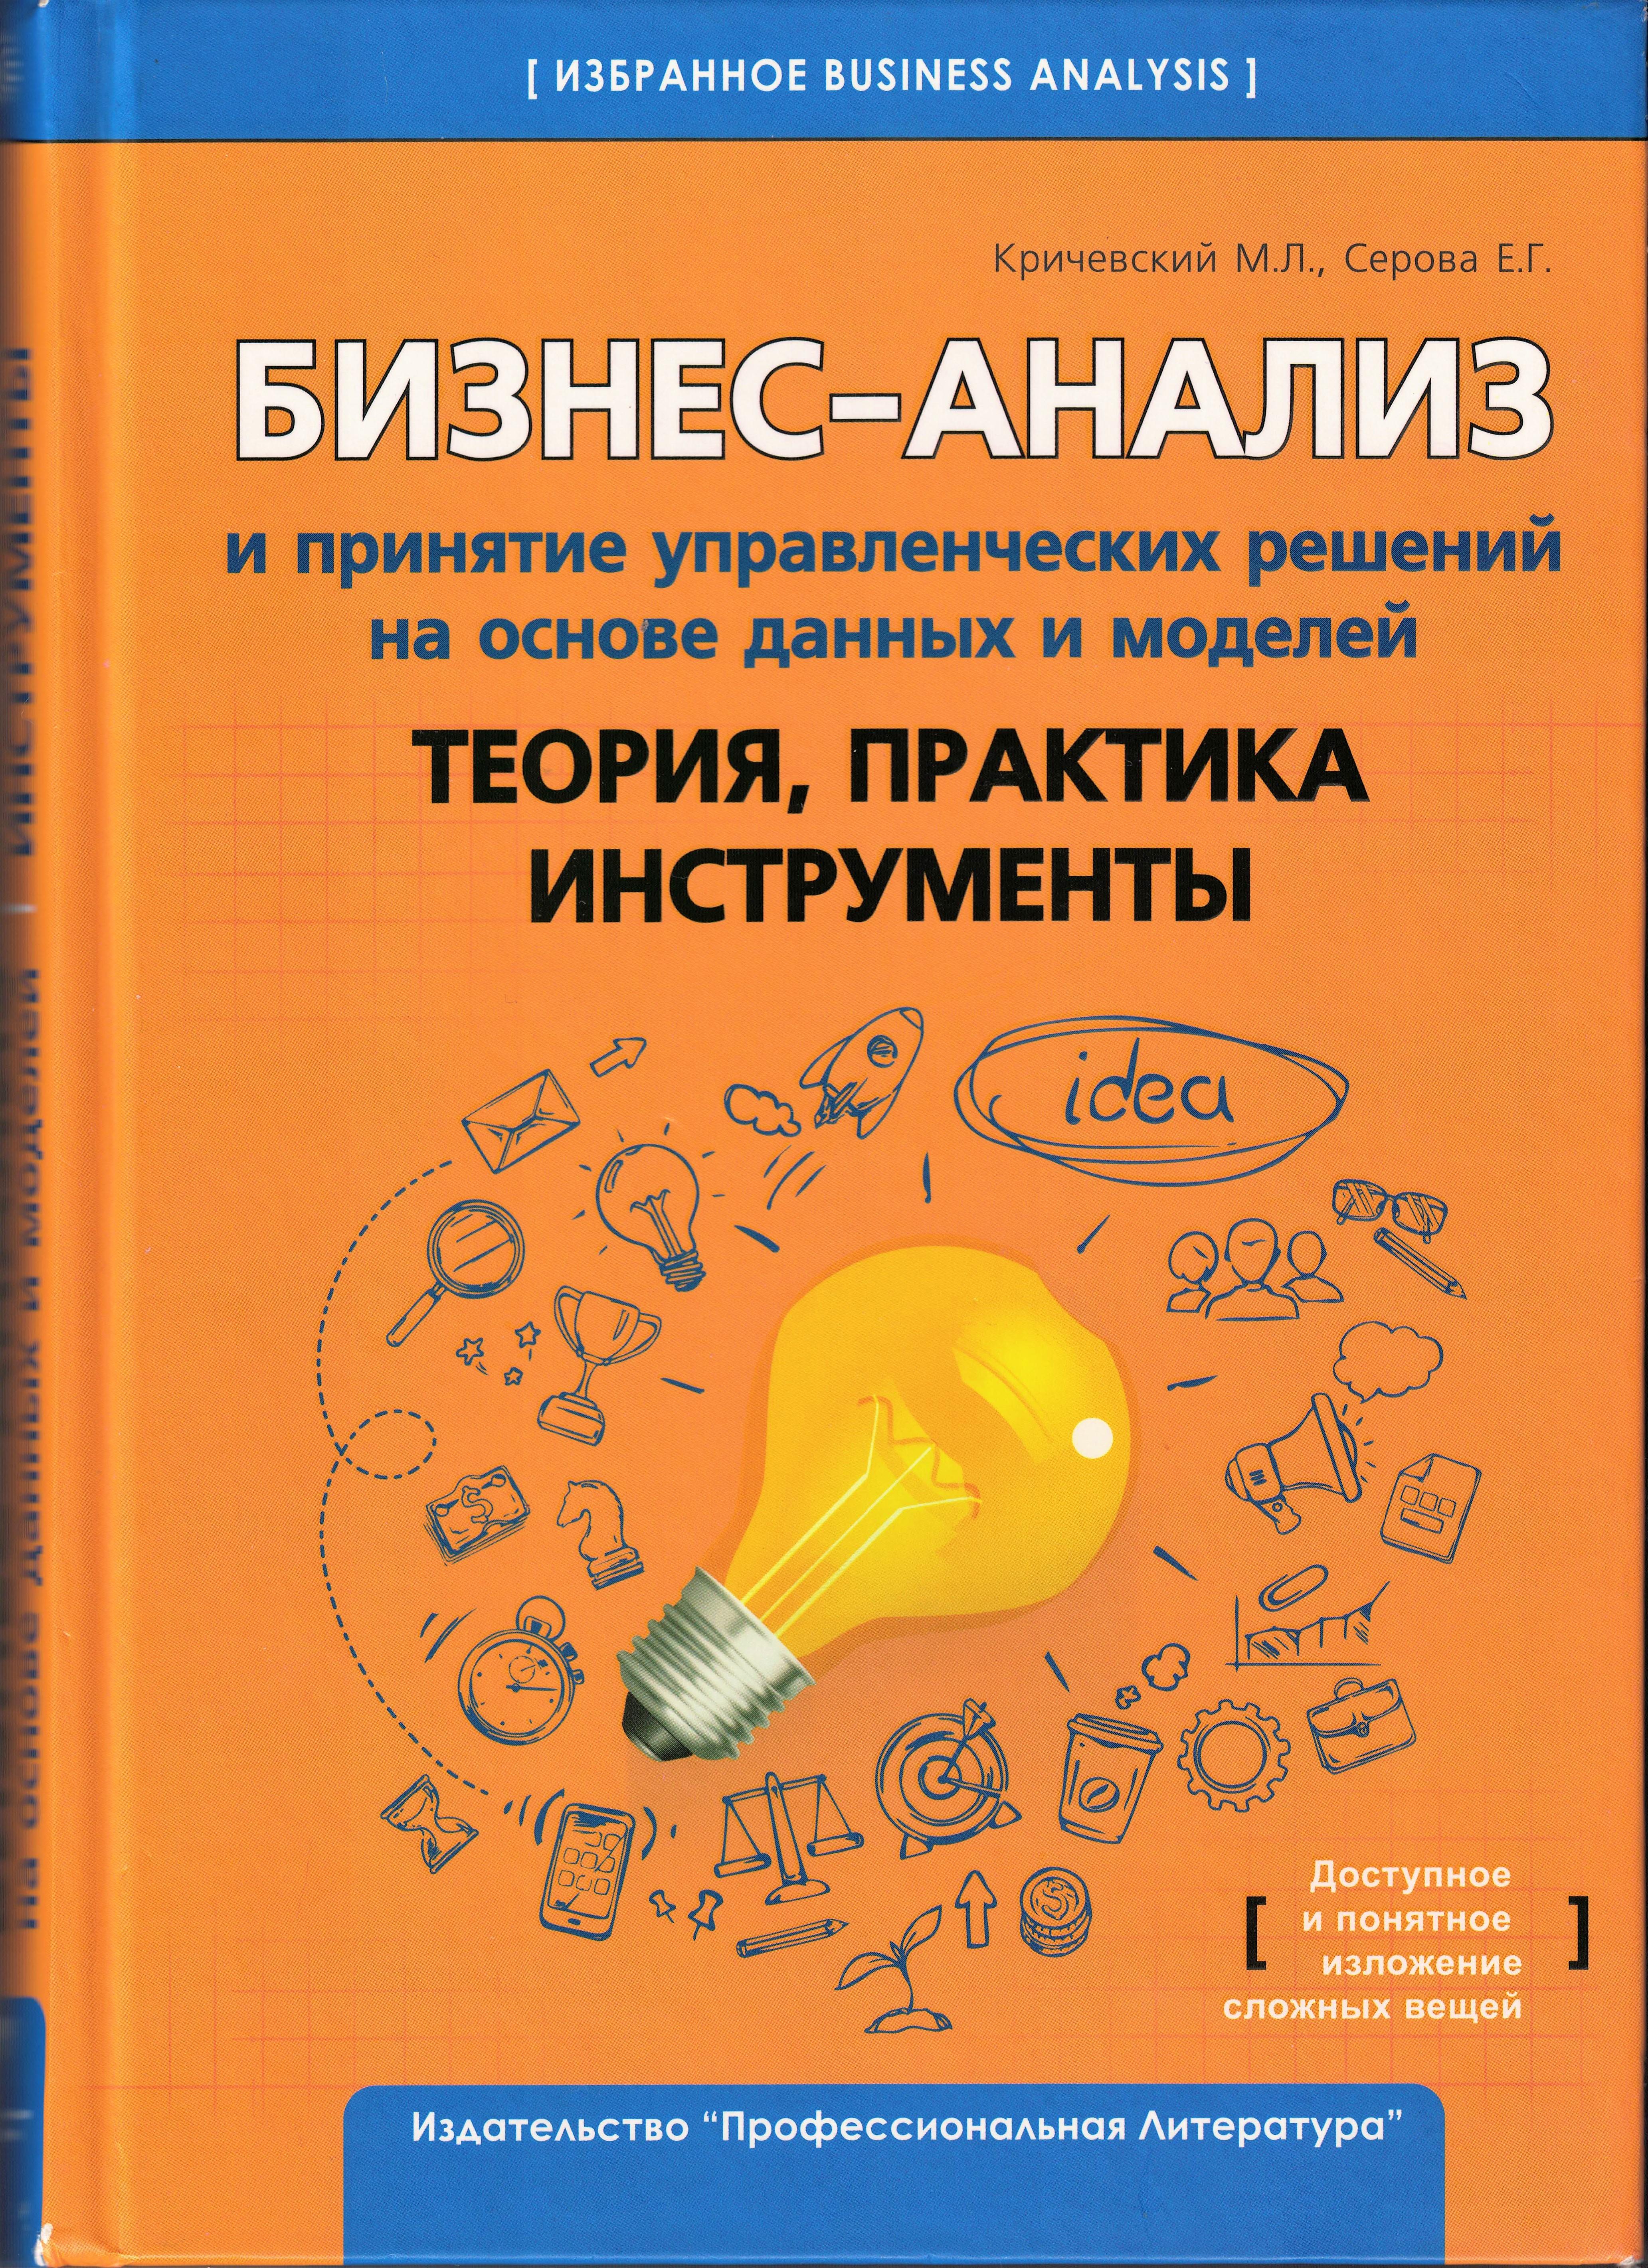 Бизнес-анализ и принятие управленческих решений на основе данных и моделей. Теория, практика, инструменты